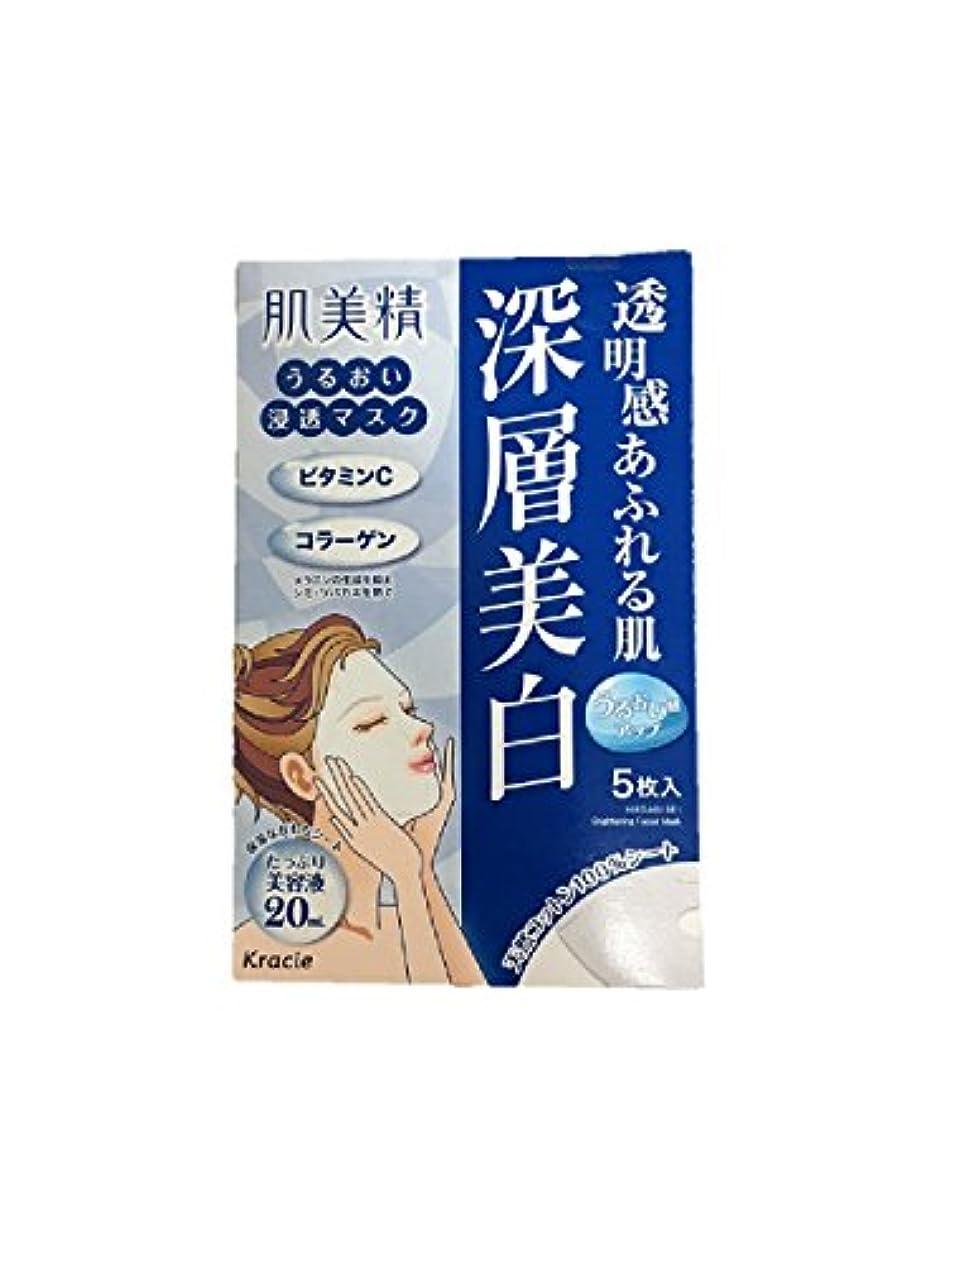 見習いパステル宙返り【セット】 クラシエホームプロダクツ 肌美精 うるおい浸透マスク (深層美白) 5枚入 (美容液20mL/1枚) 5個セット